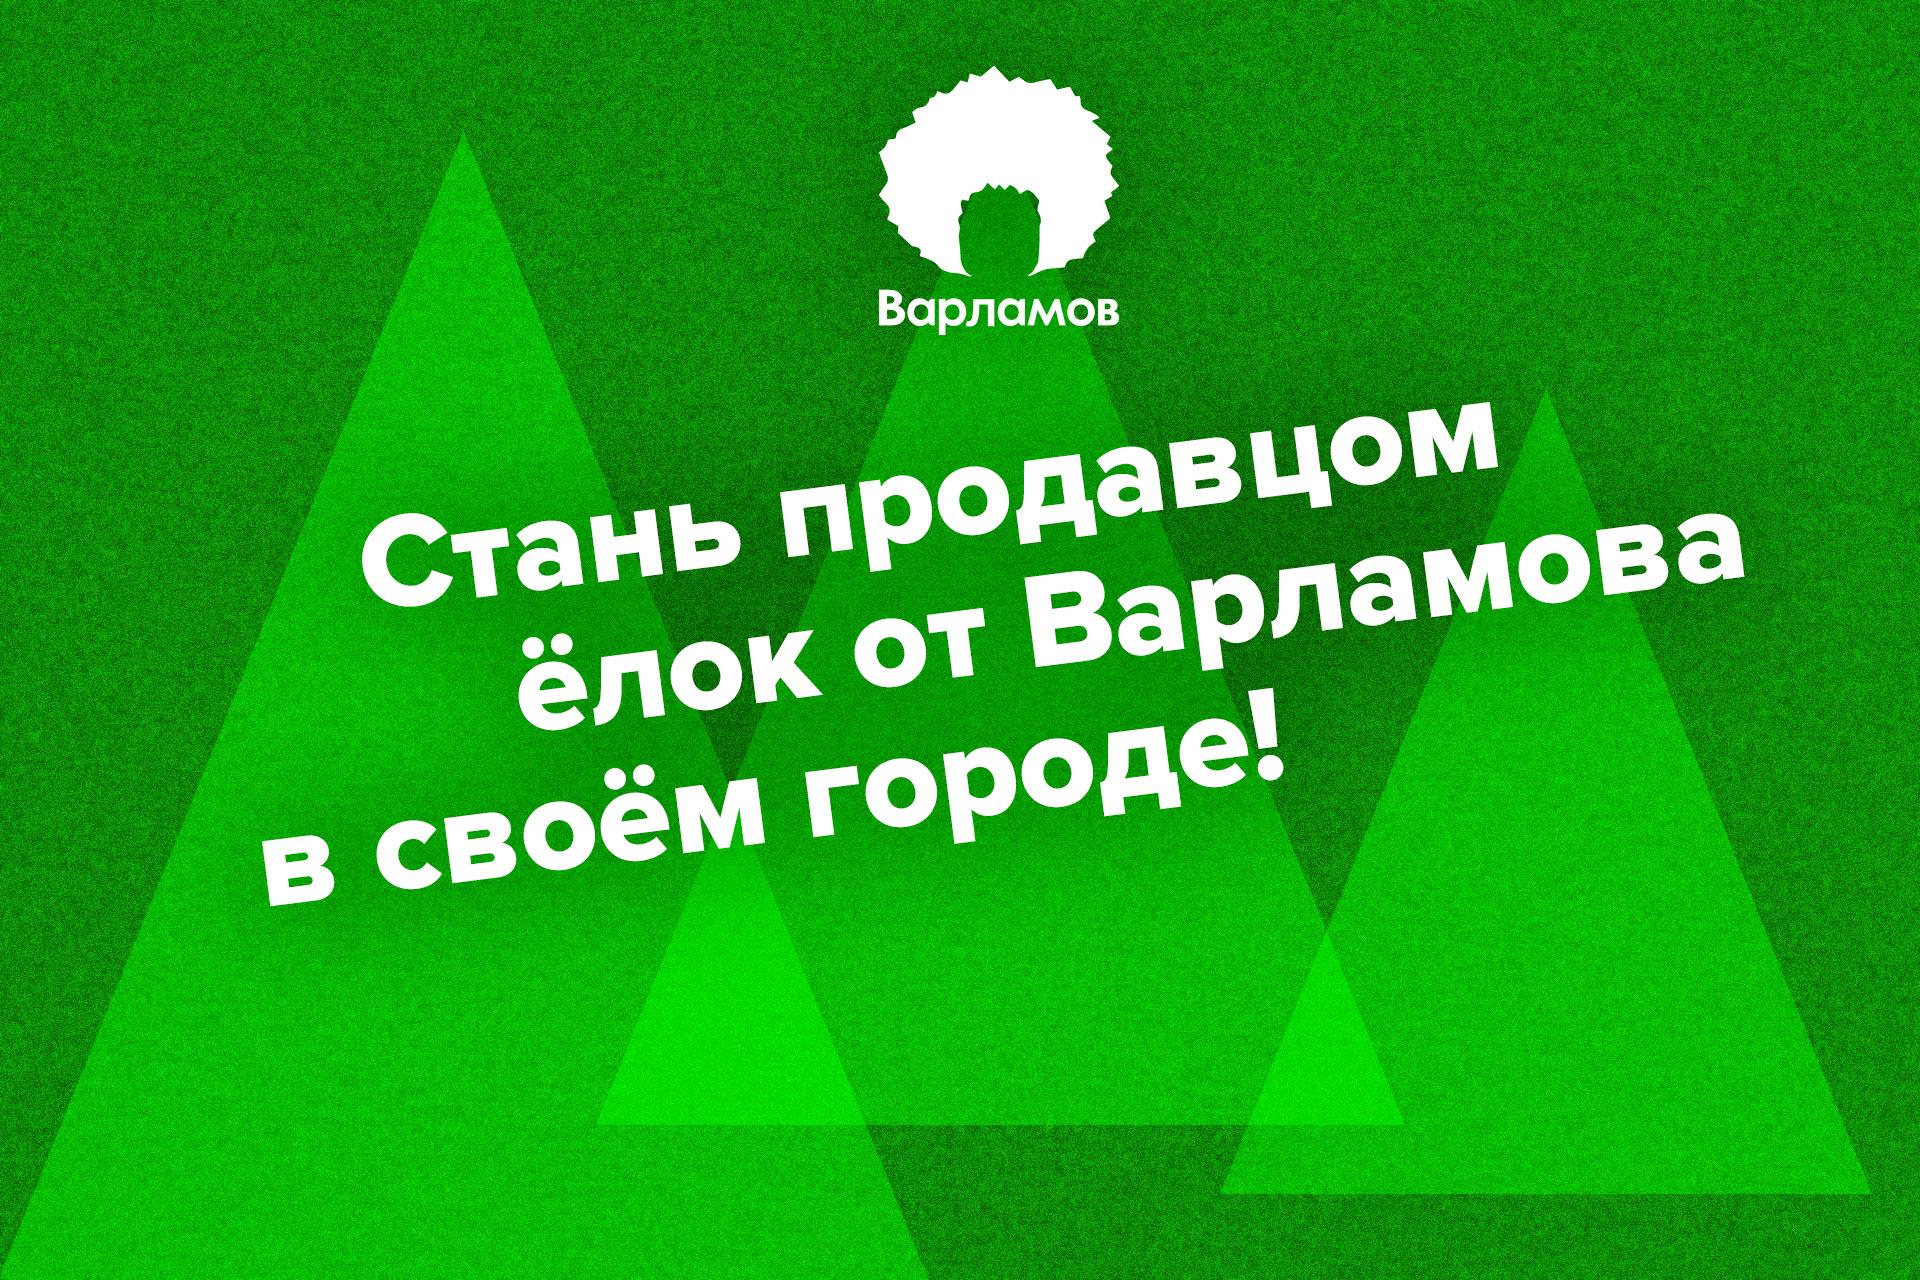 Ёлки от Варламова: как работает франшиза